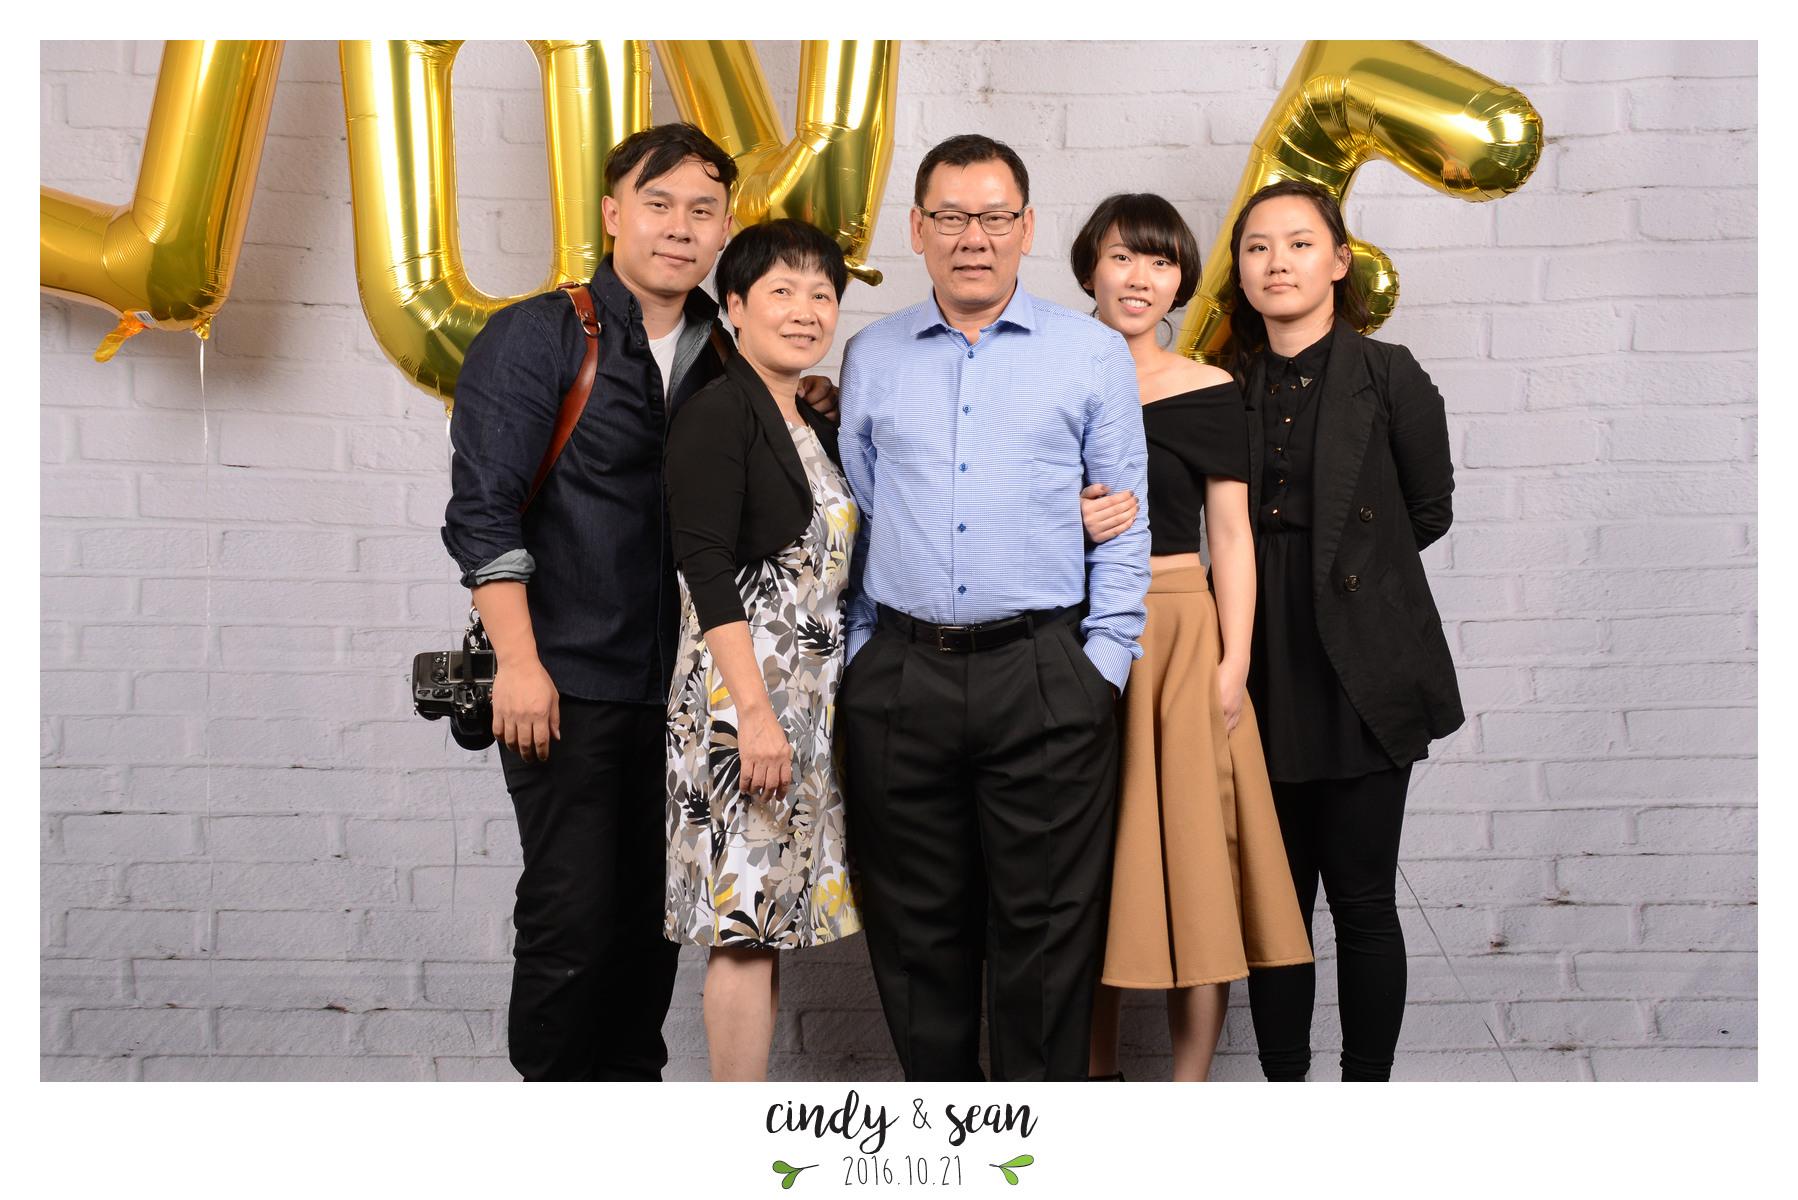 Cindy Sean Bae - 0001-156.jpg